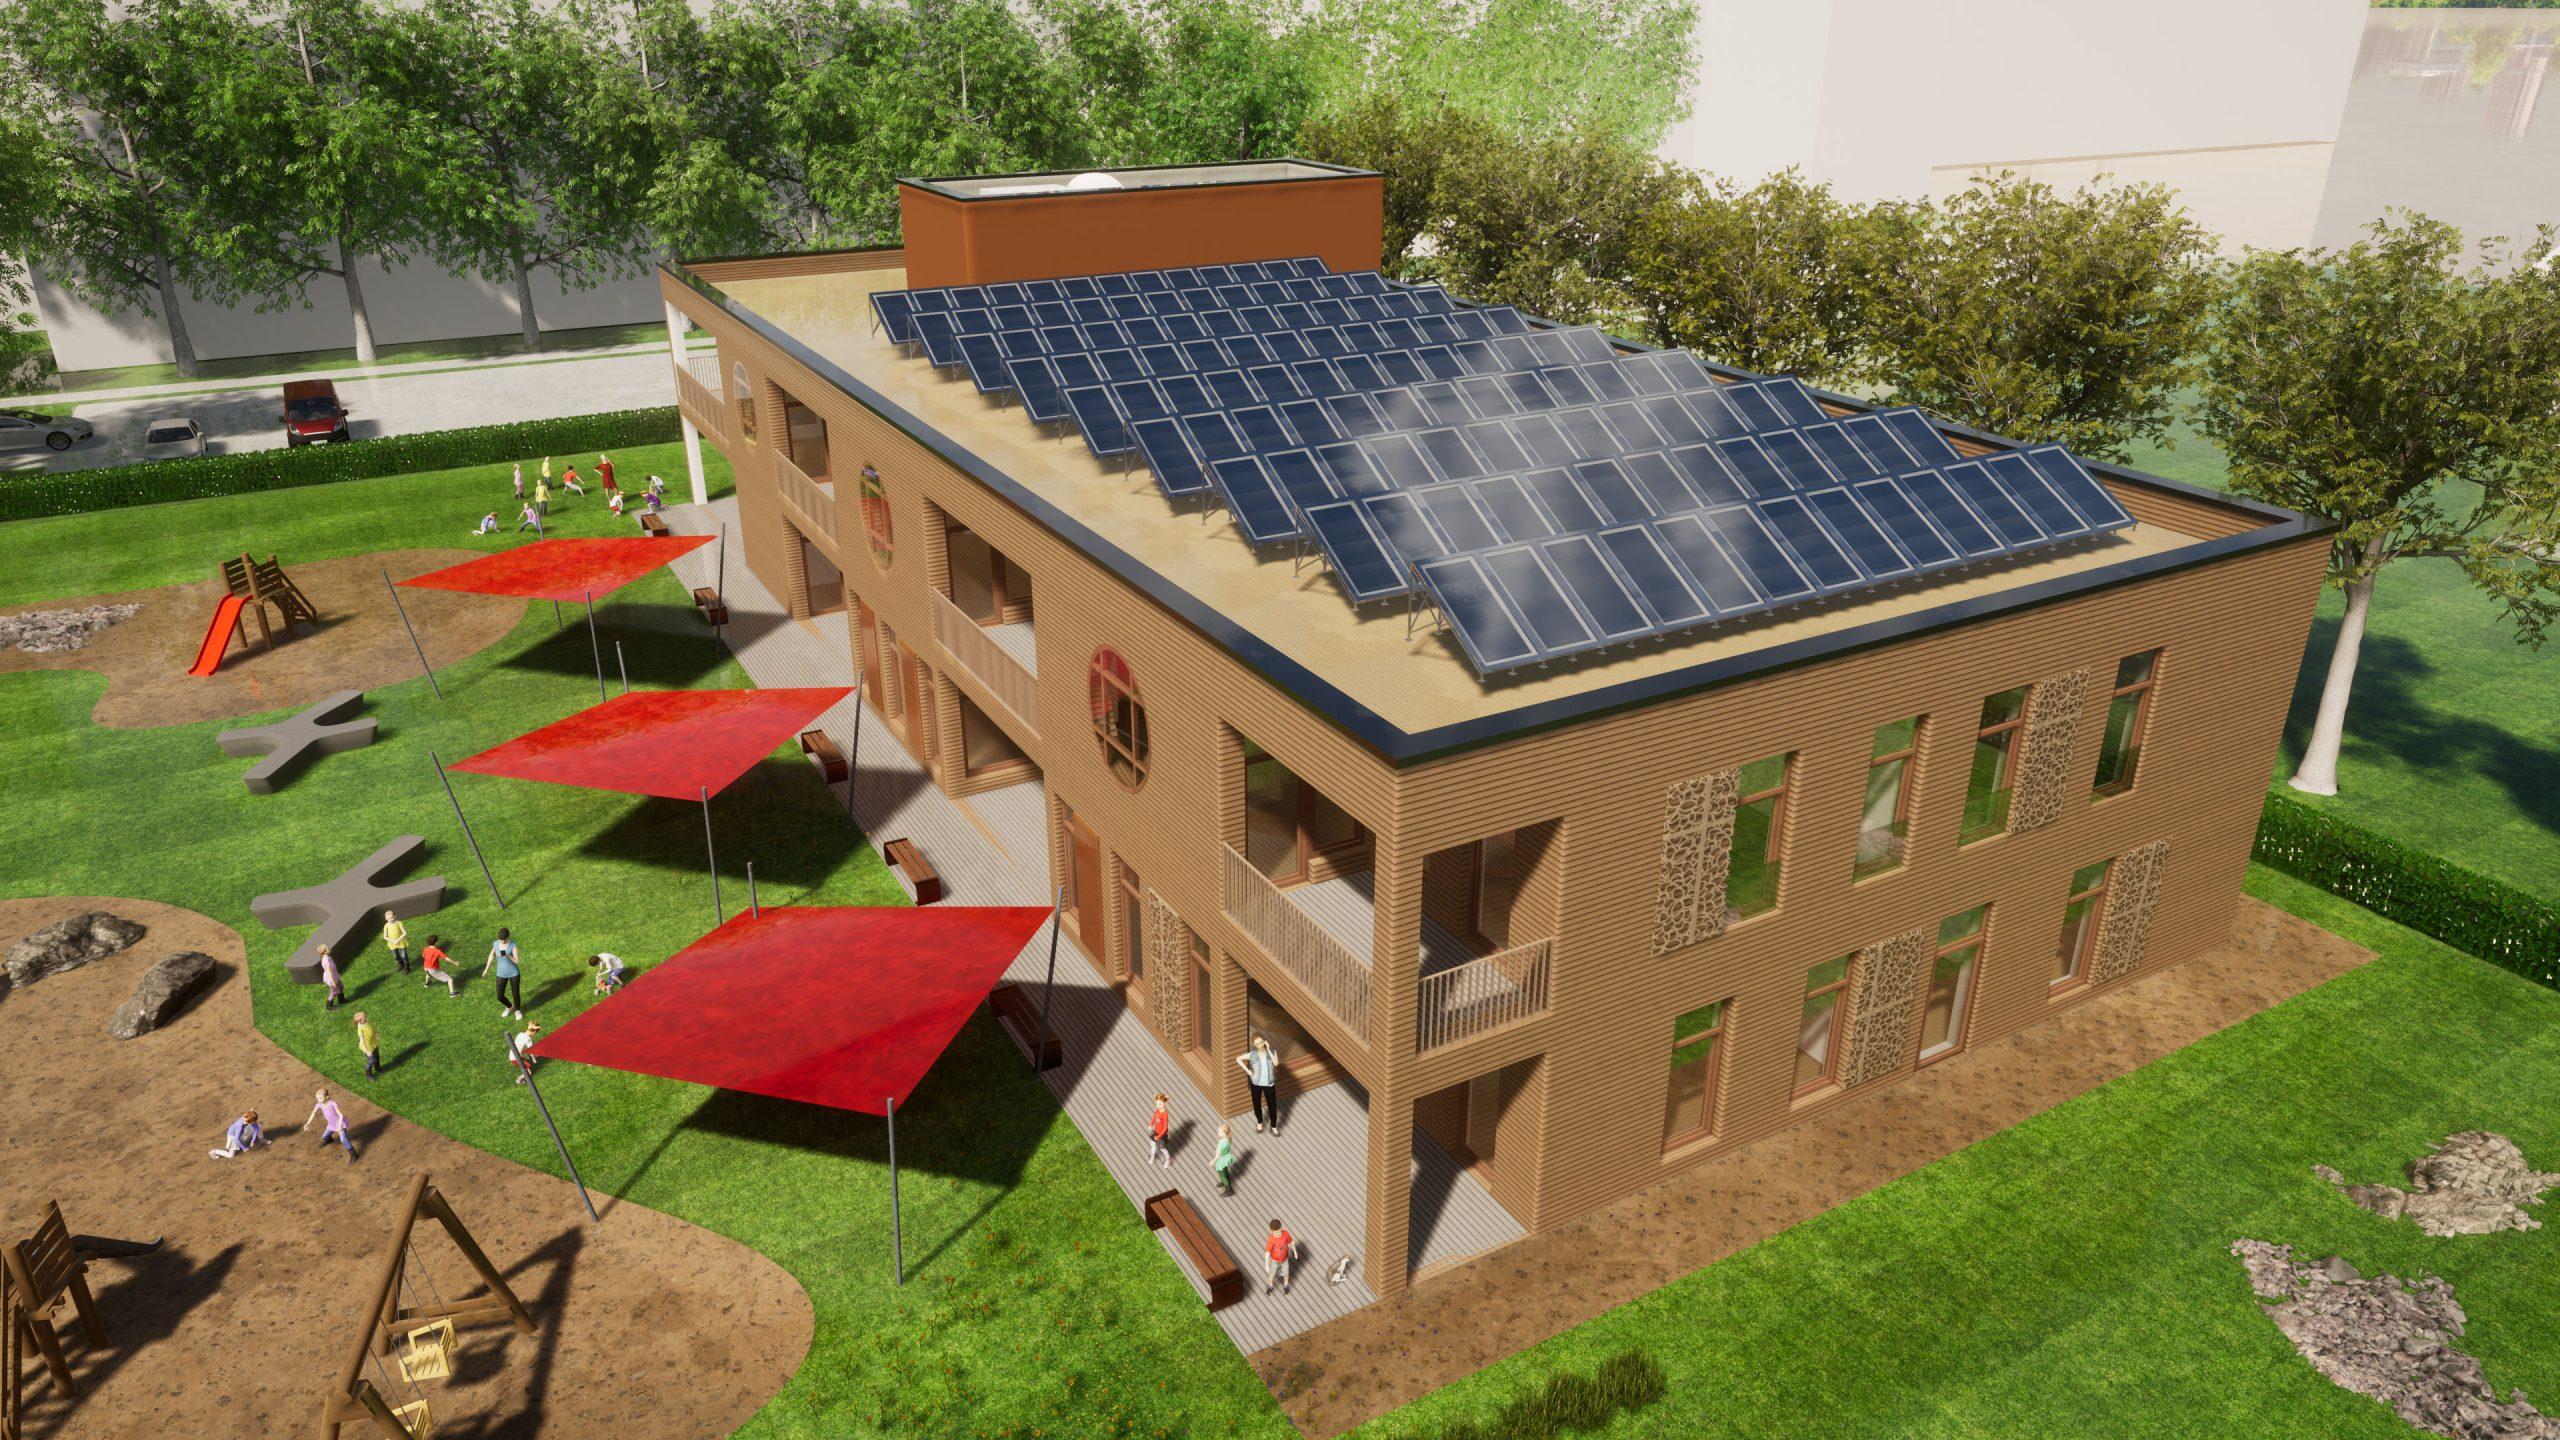 Baustart für neue Kita in der Nachbarschaft